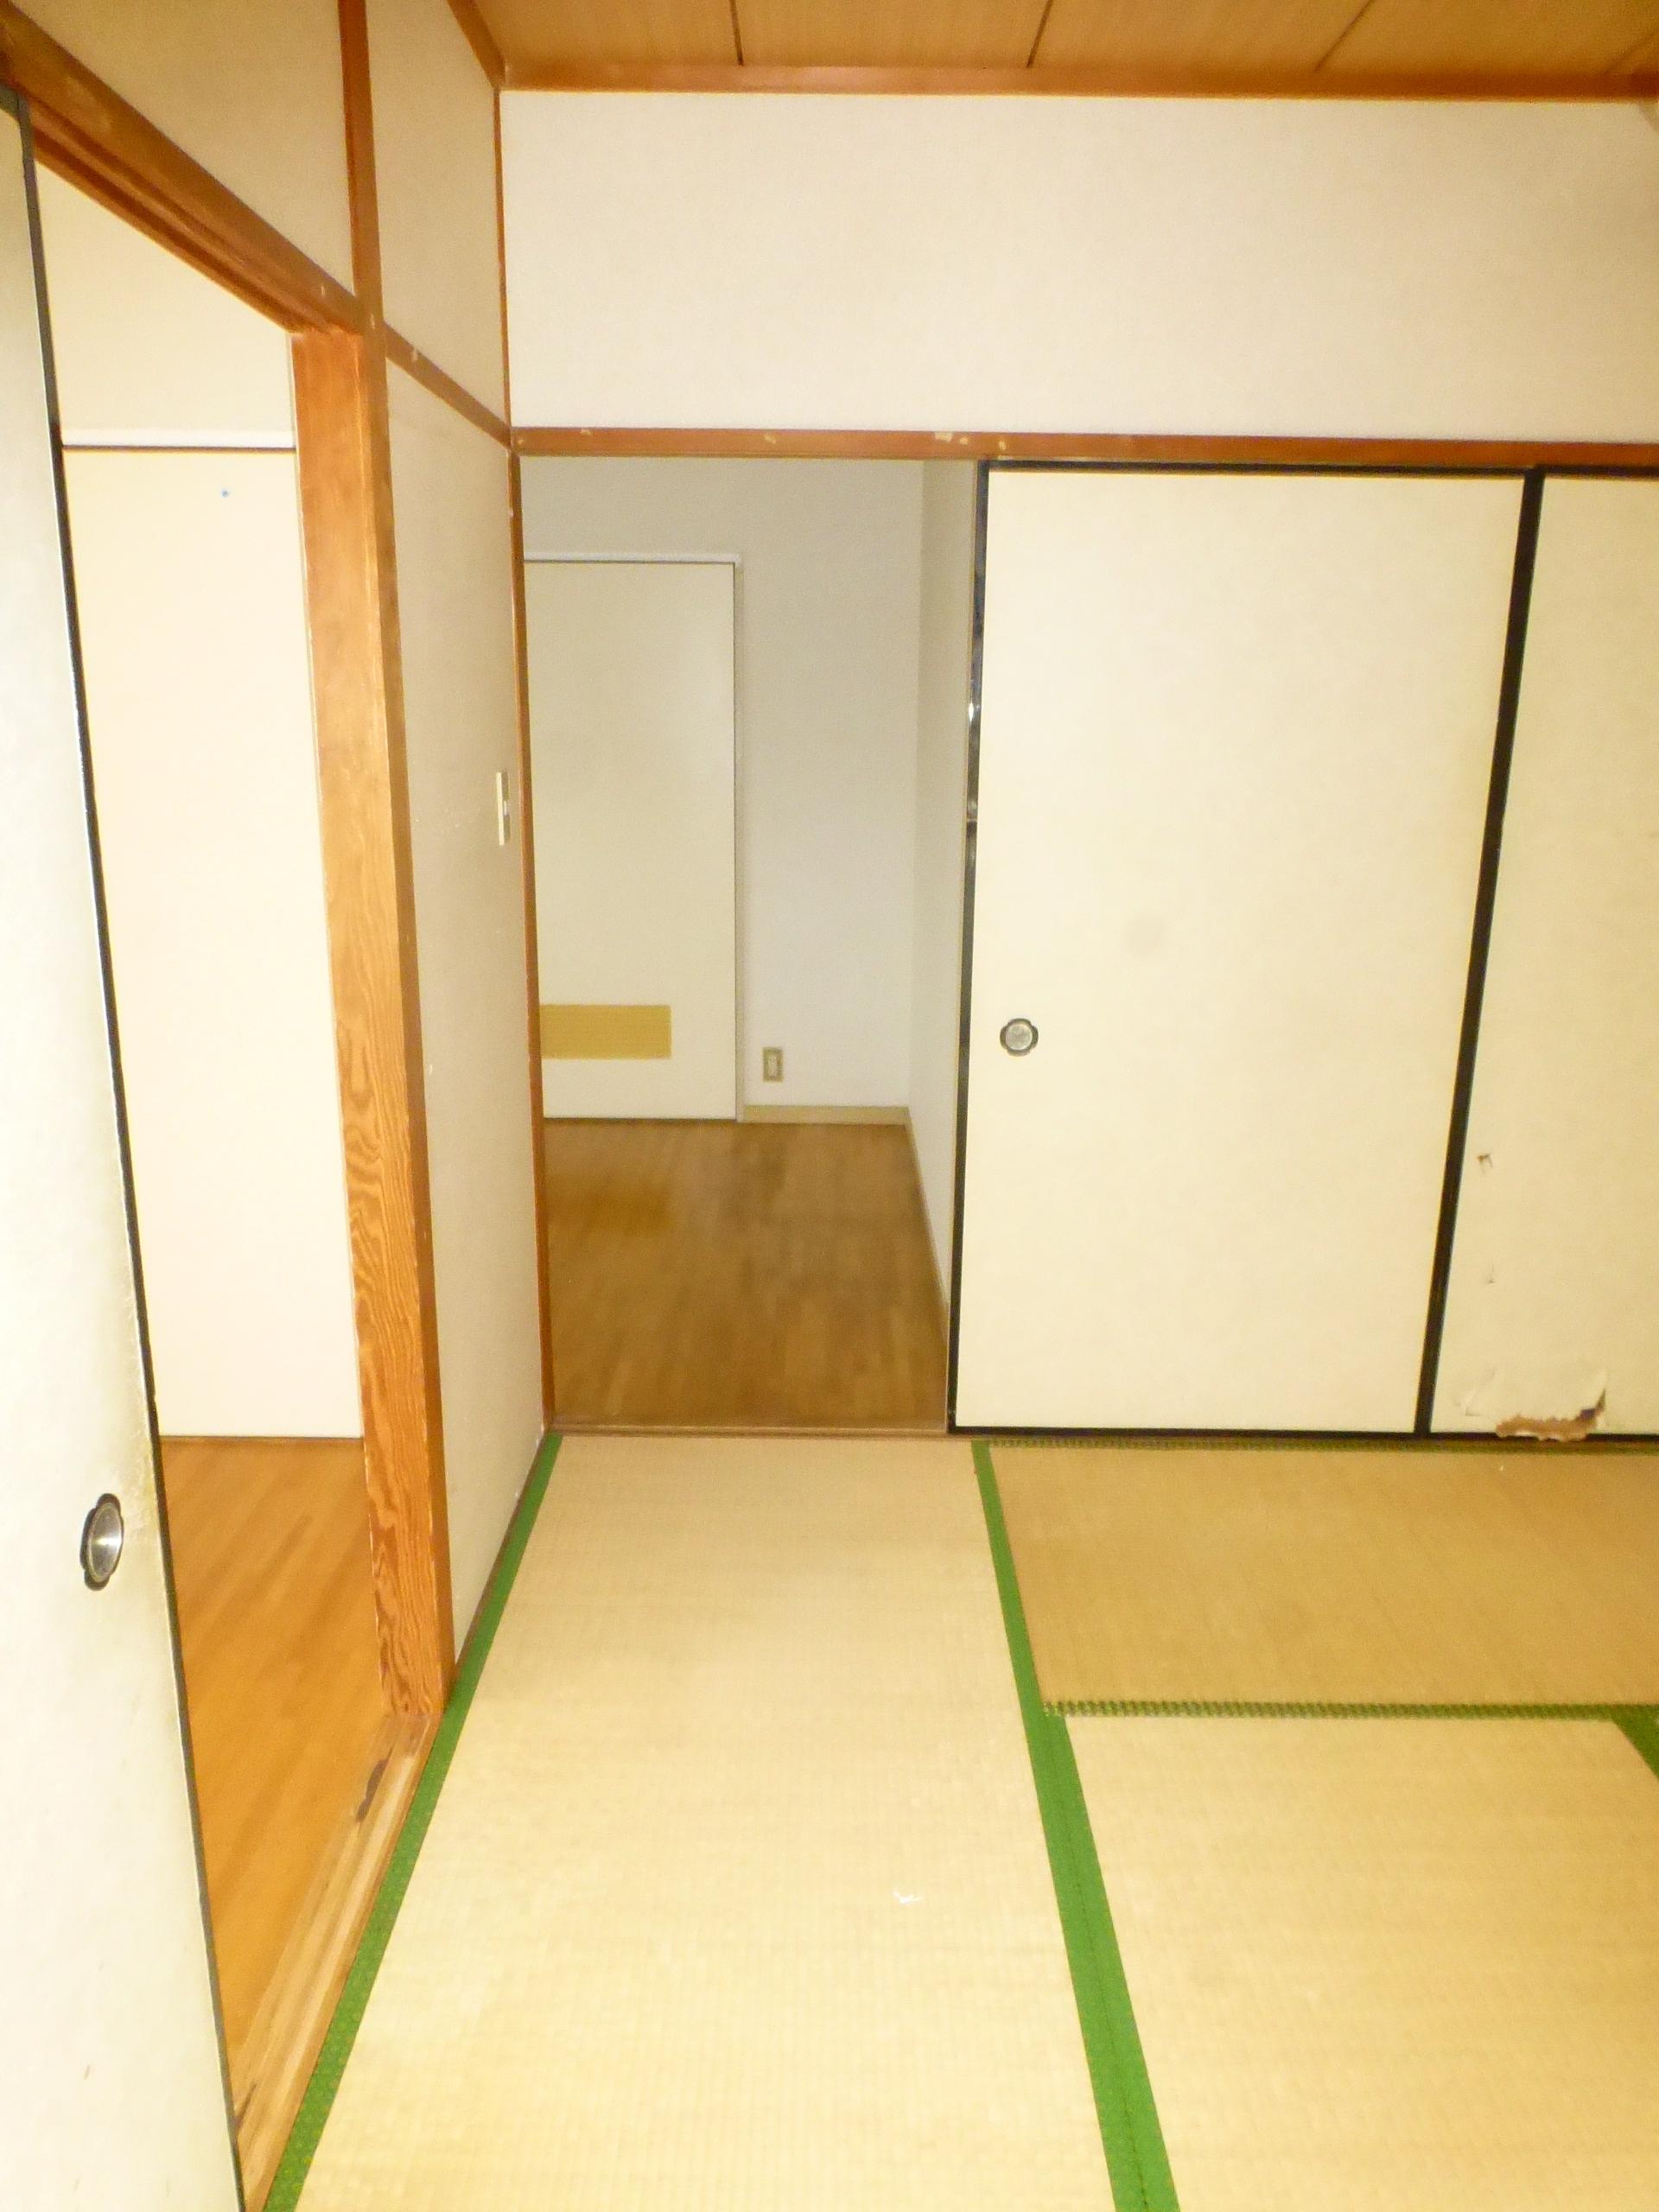 川崎市鶴見区 賃貸リノベーションJ125973